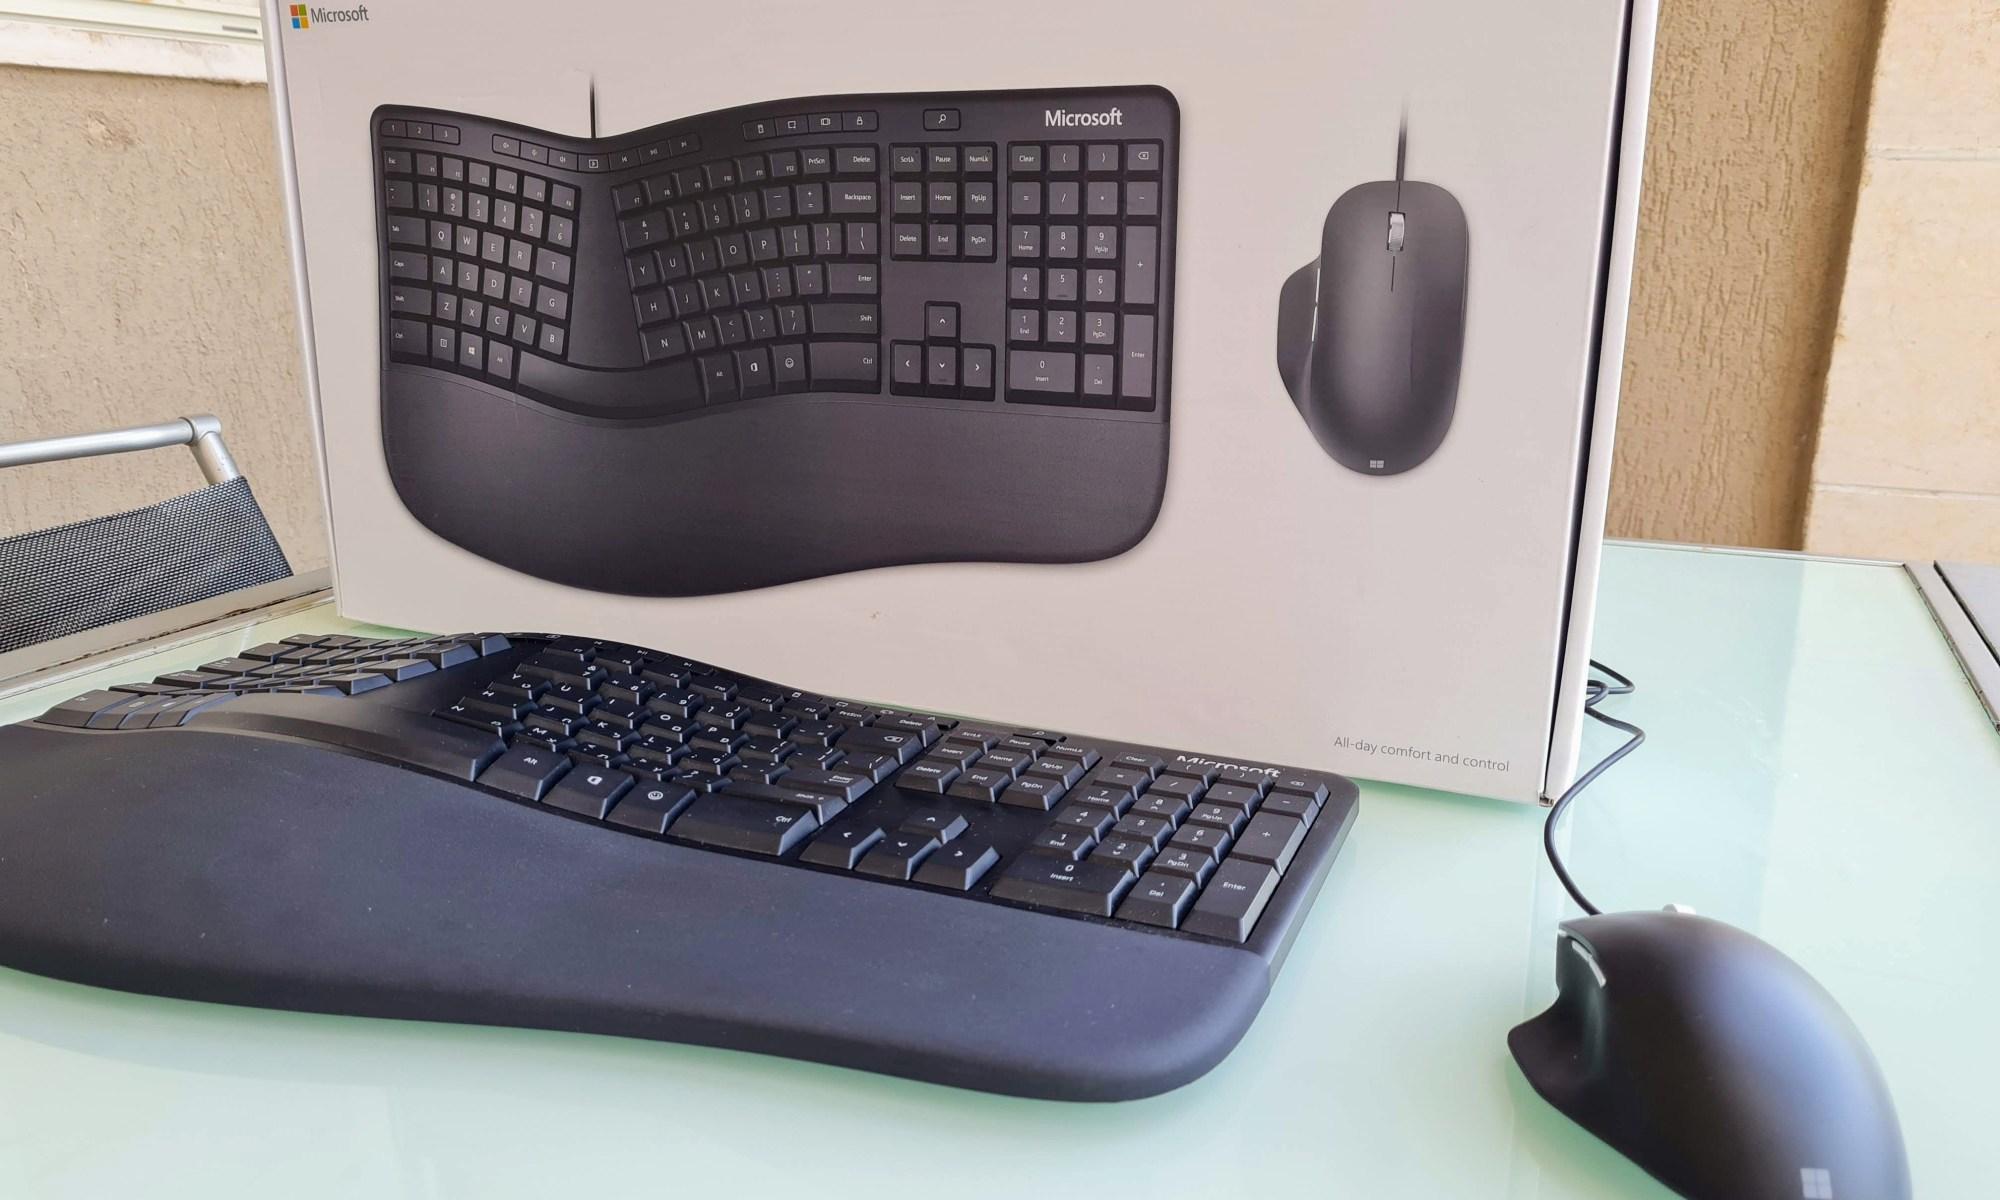 מיקרוסופט Ergonomic Desktop. צילום צחי הופמן